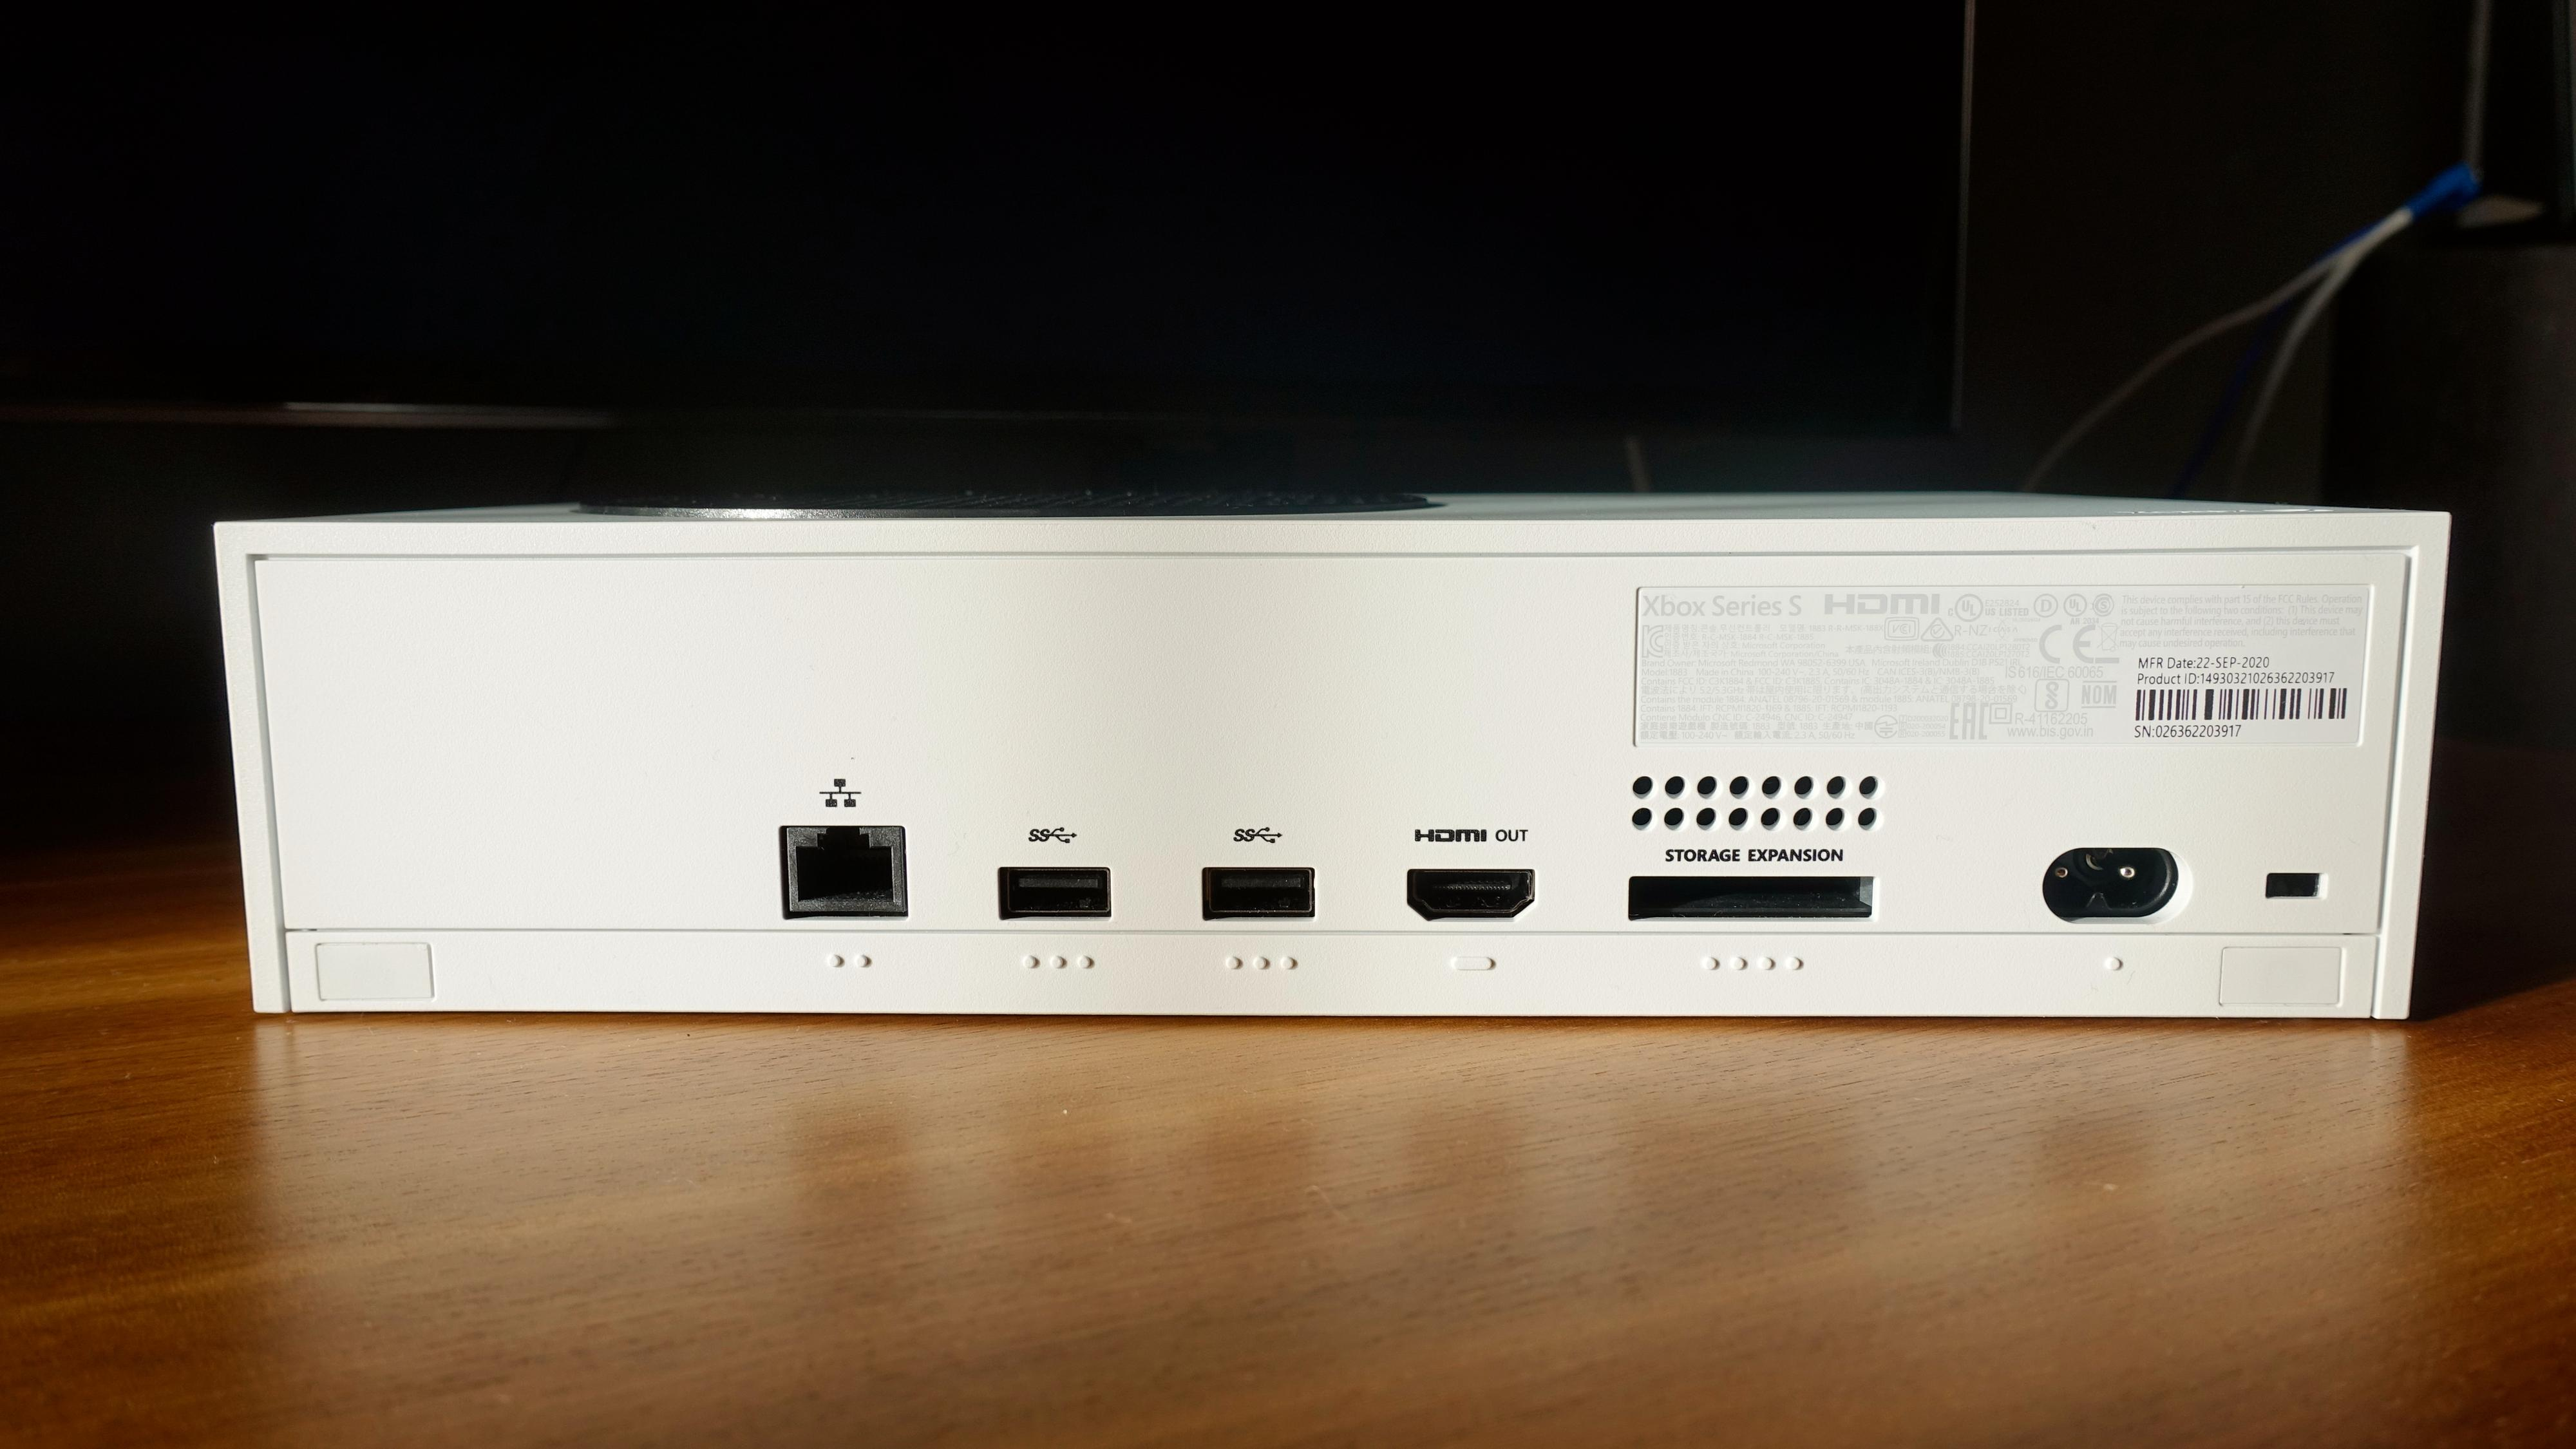 Fra venstre: Ethernet, to USB-porter, HDMI, port for ekstra lagring, strøm og lås.